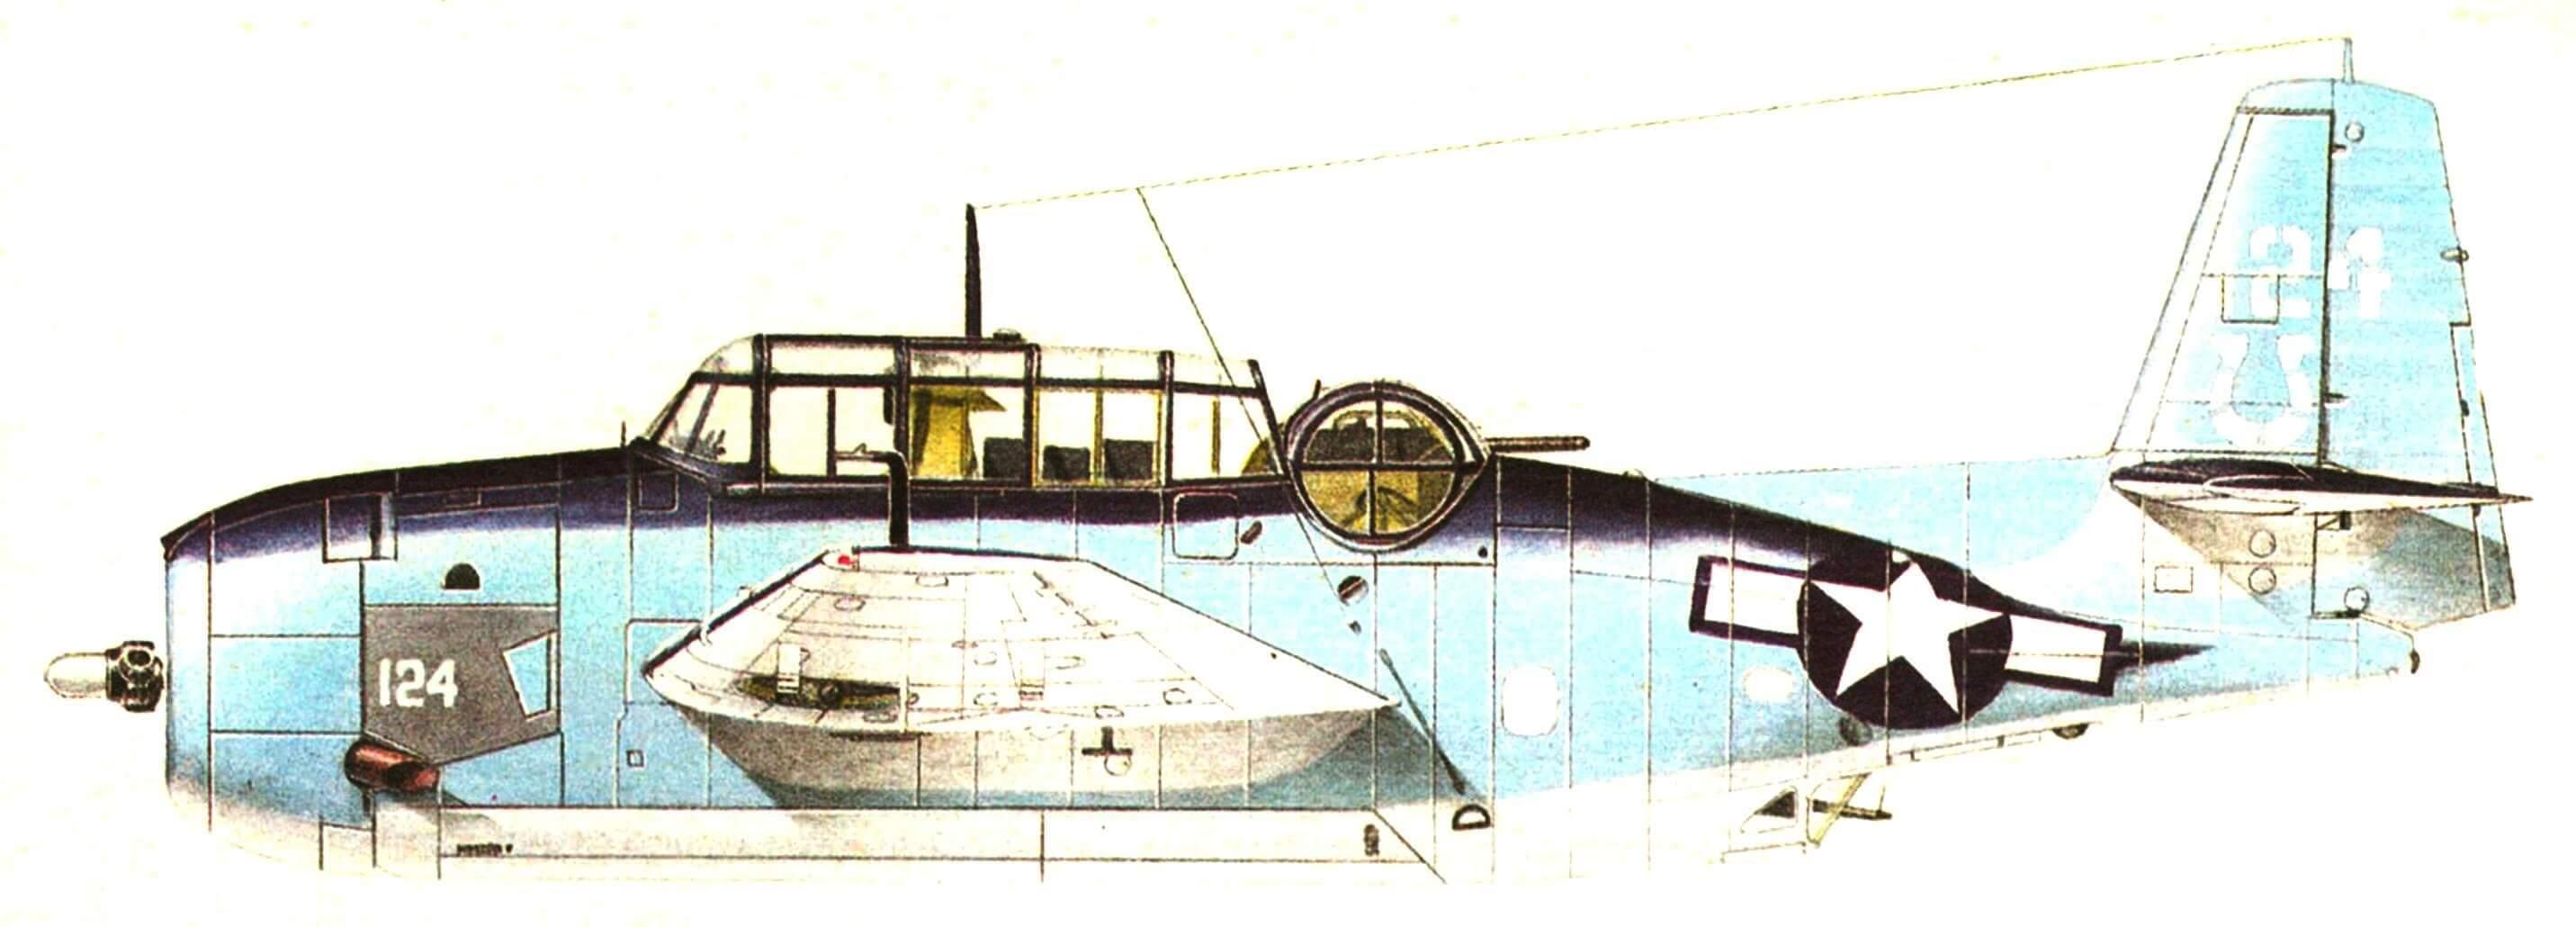 ТВМ-1С из торпедоносной эскадрильи VT-7. Авианосец «Хэнкок» Тихий Океан. 1944 год.